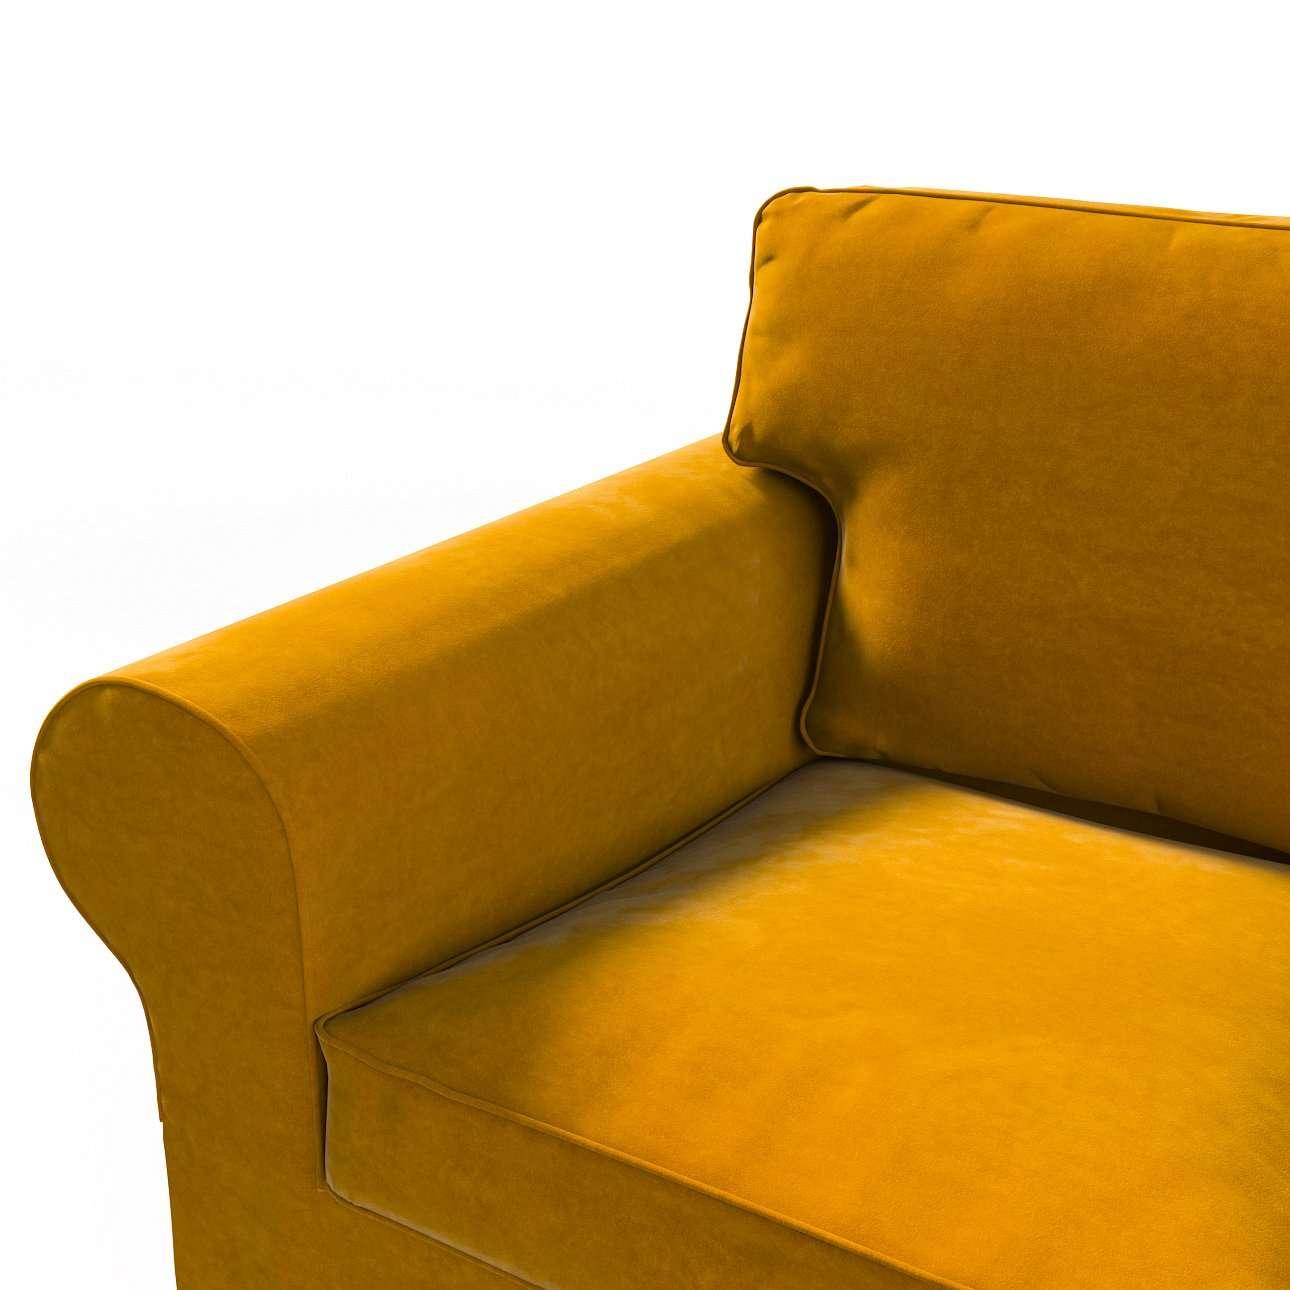 Pokrowiec na sofę Ektorp 2-osobową rozkładaną, model po 2012 w kolekcji Velvet, tkanina: 704-23